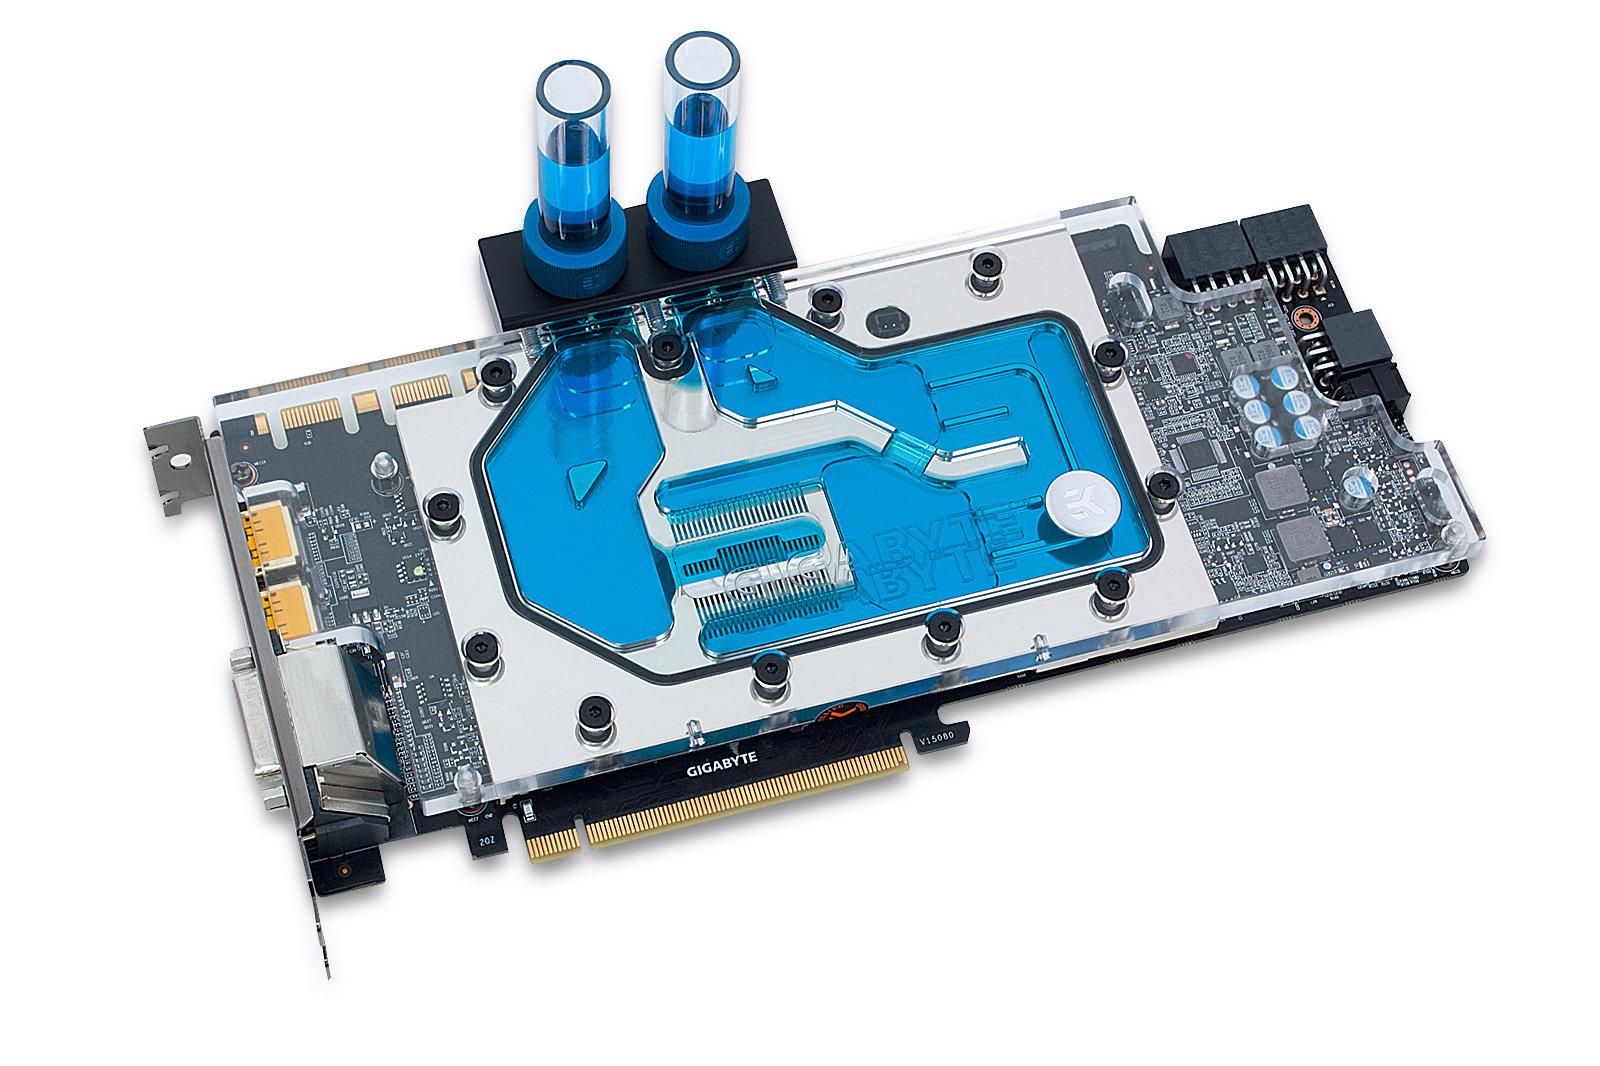 EK-FC980 GTX Ti XG – Nickel